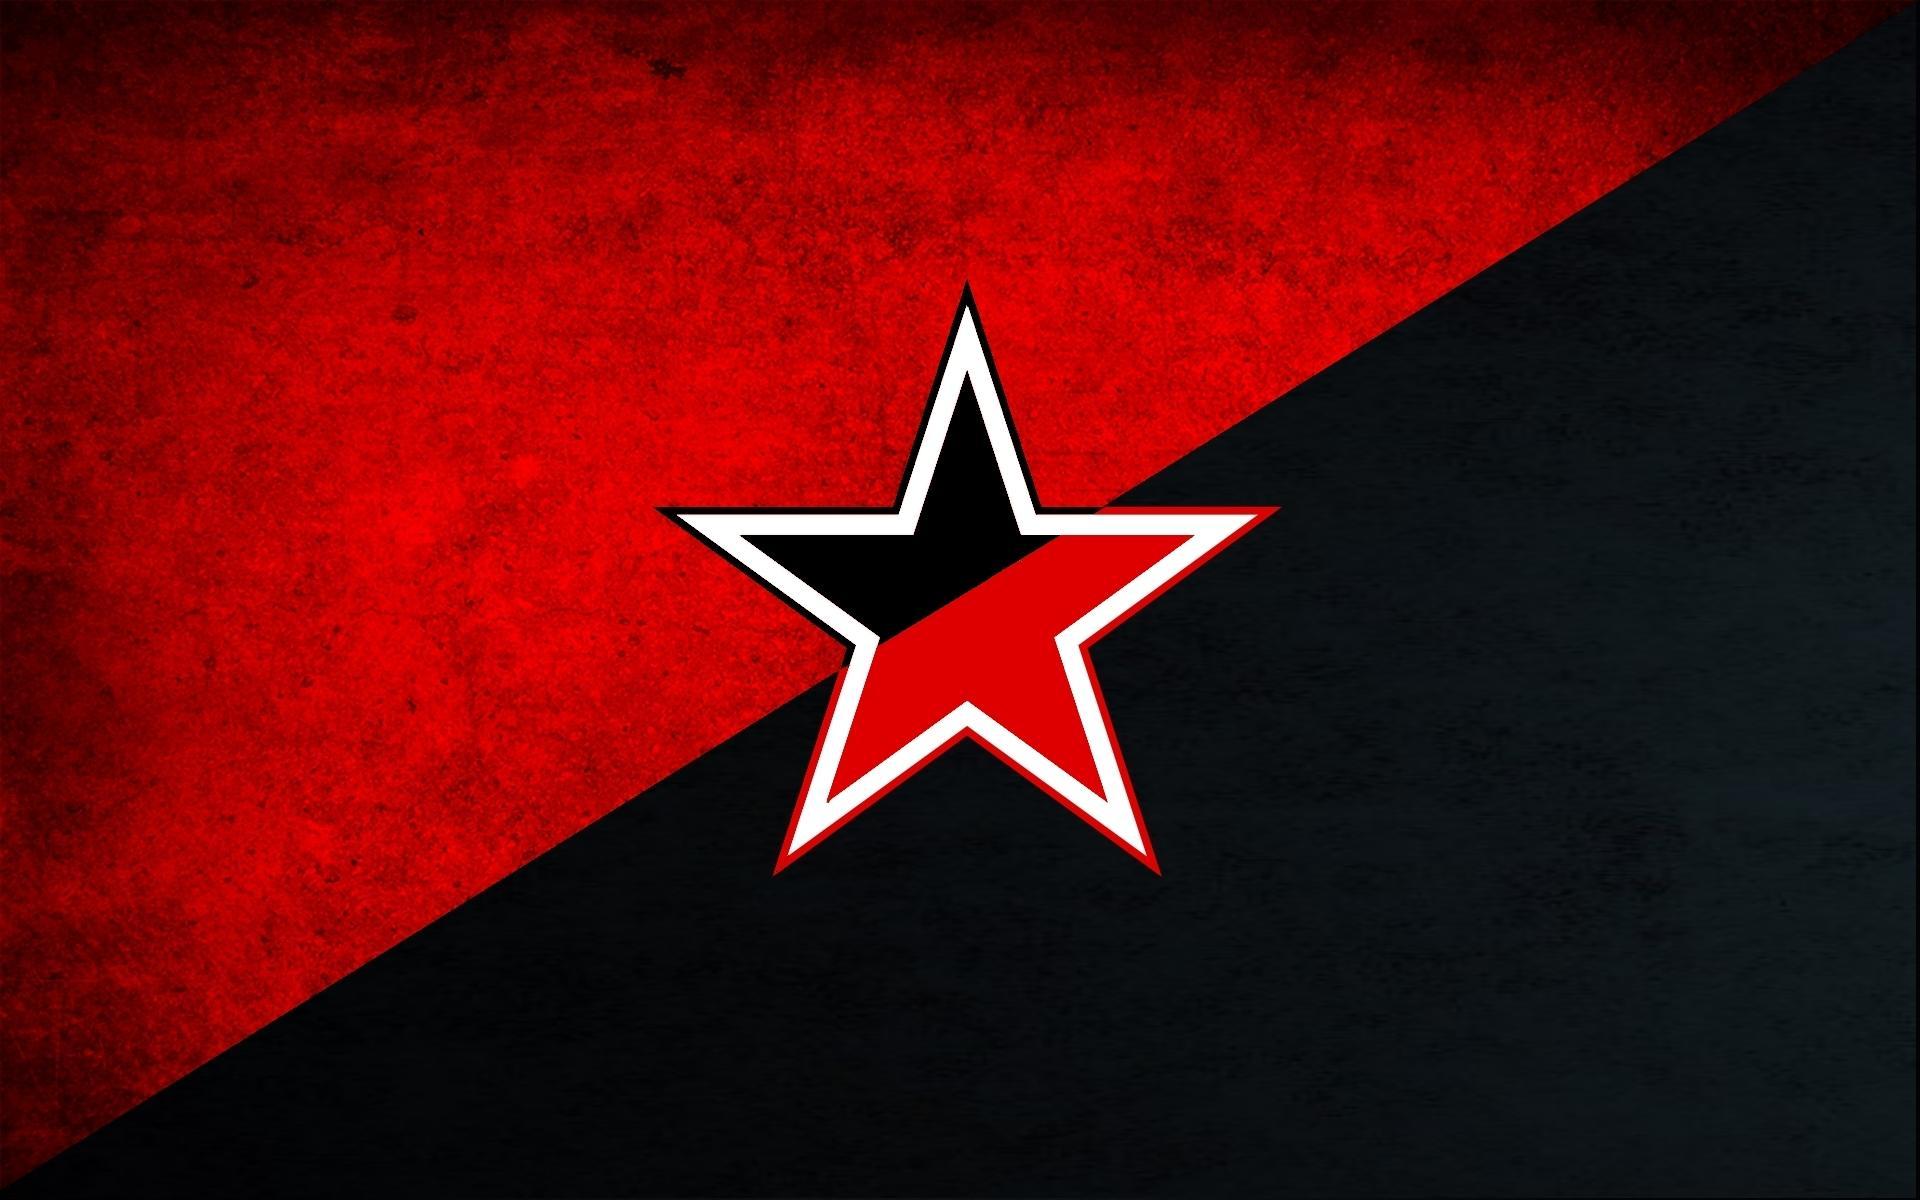 фото красной звезды на черном фоне том, что